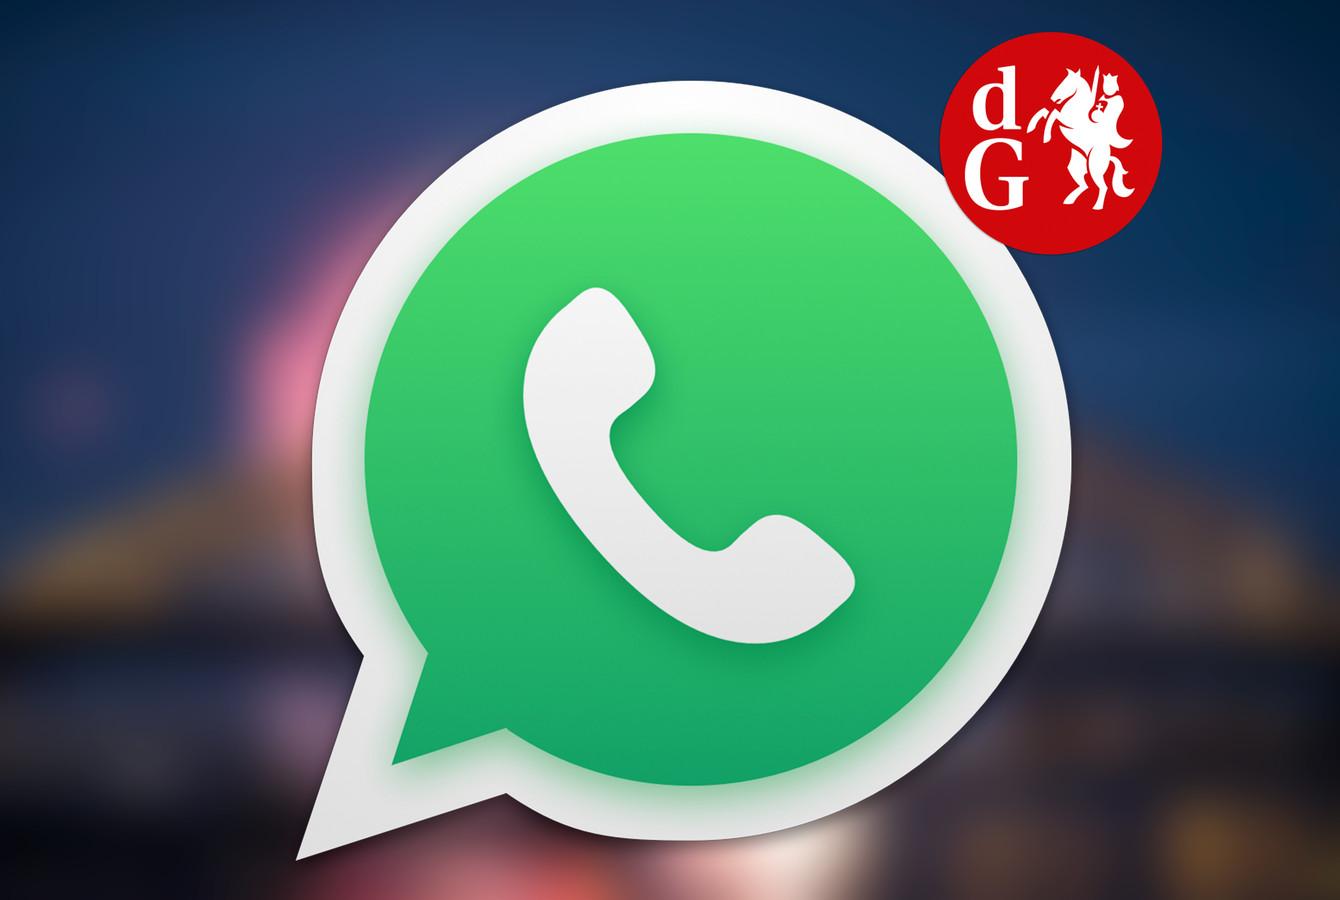 Het Laatste Nieuws Uit De Regio Ook Via Whatsapp Nijmegen Eo